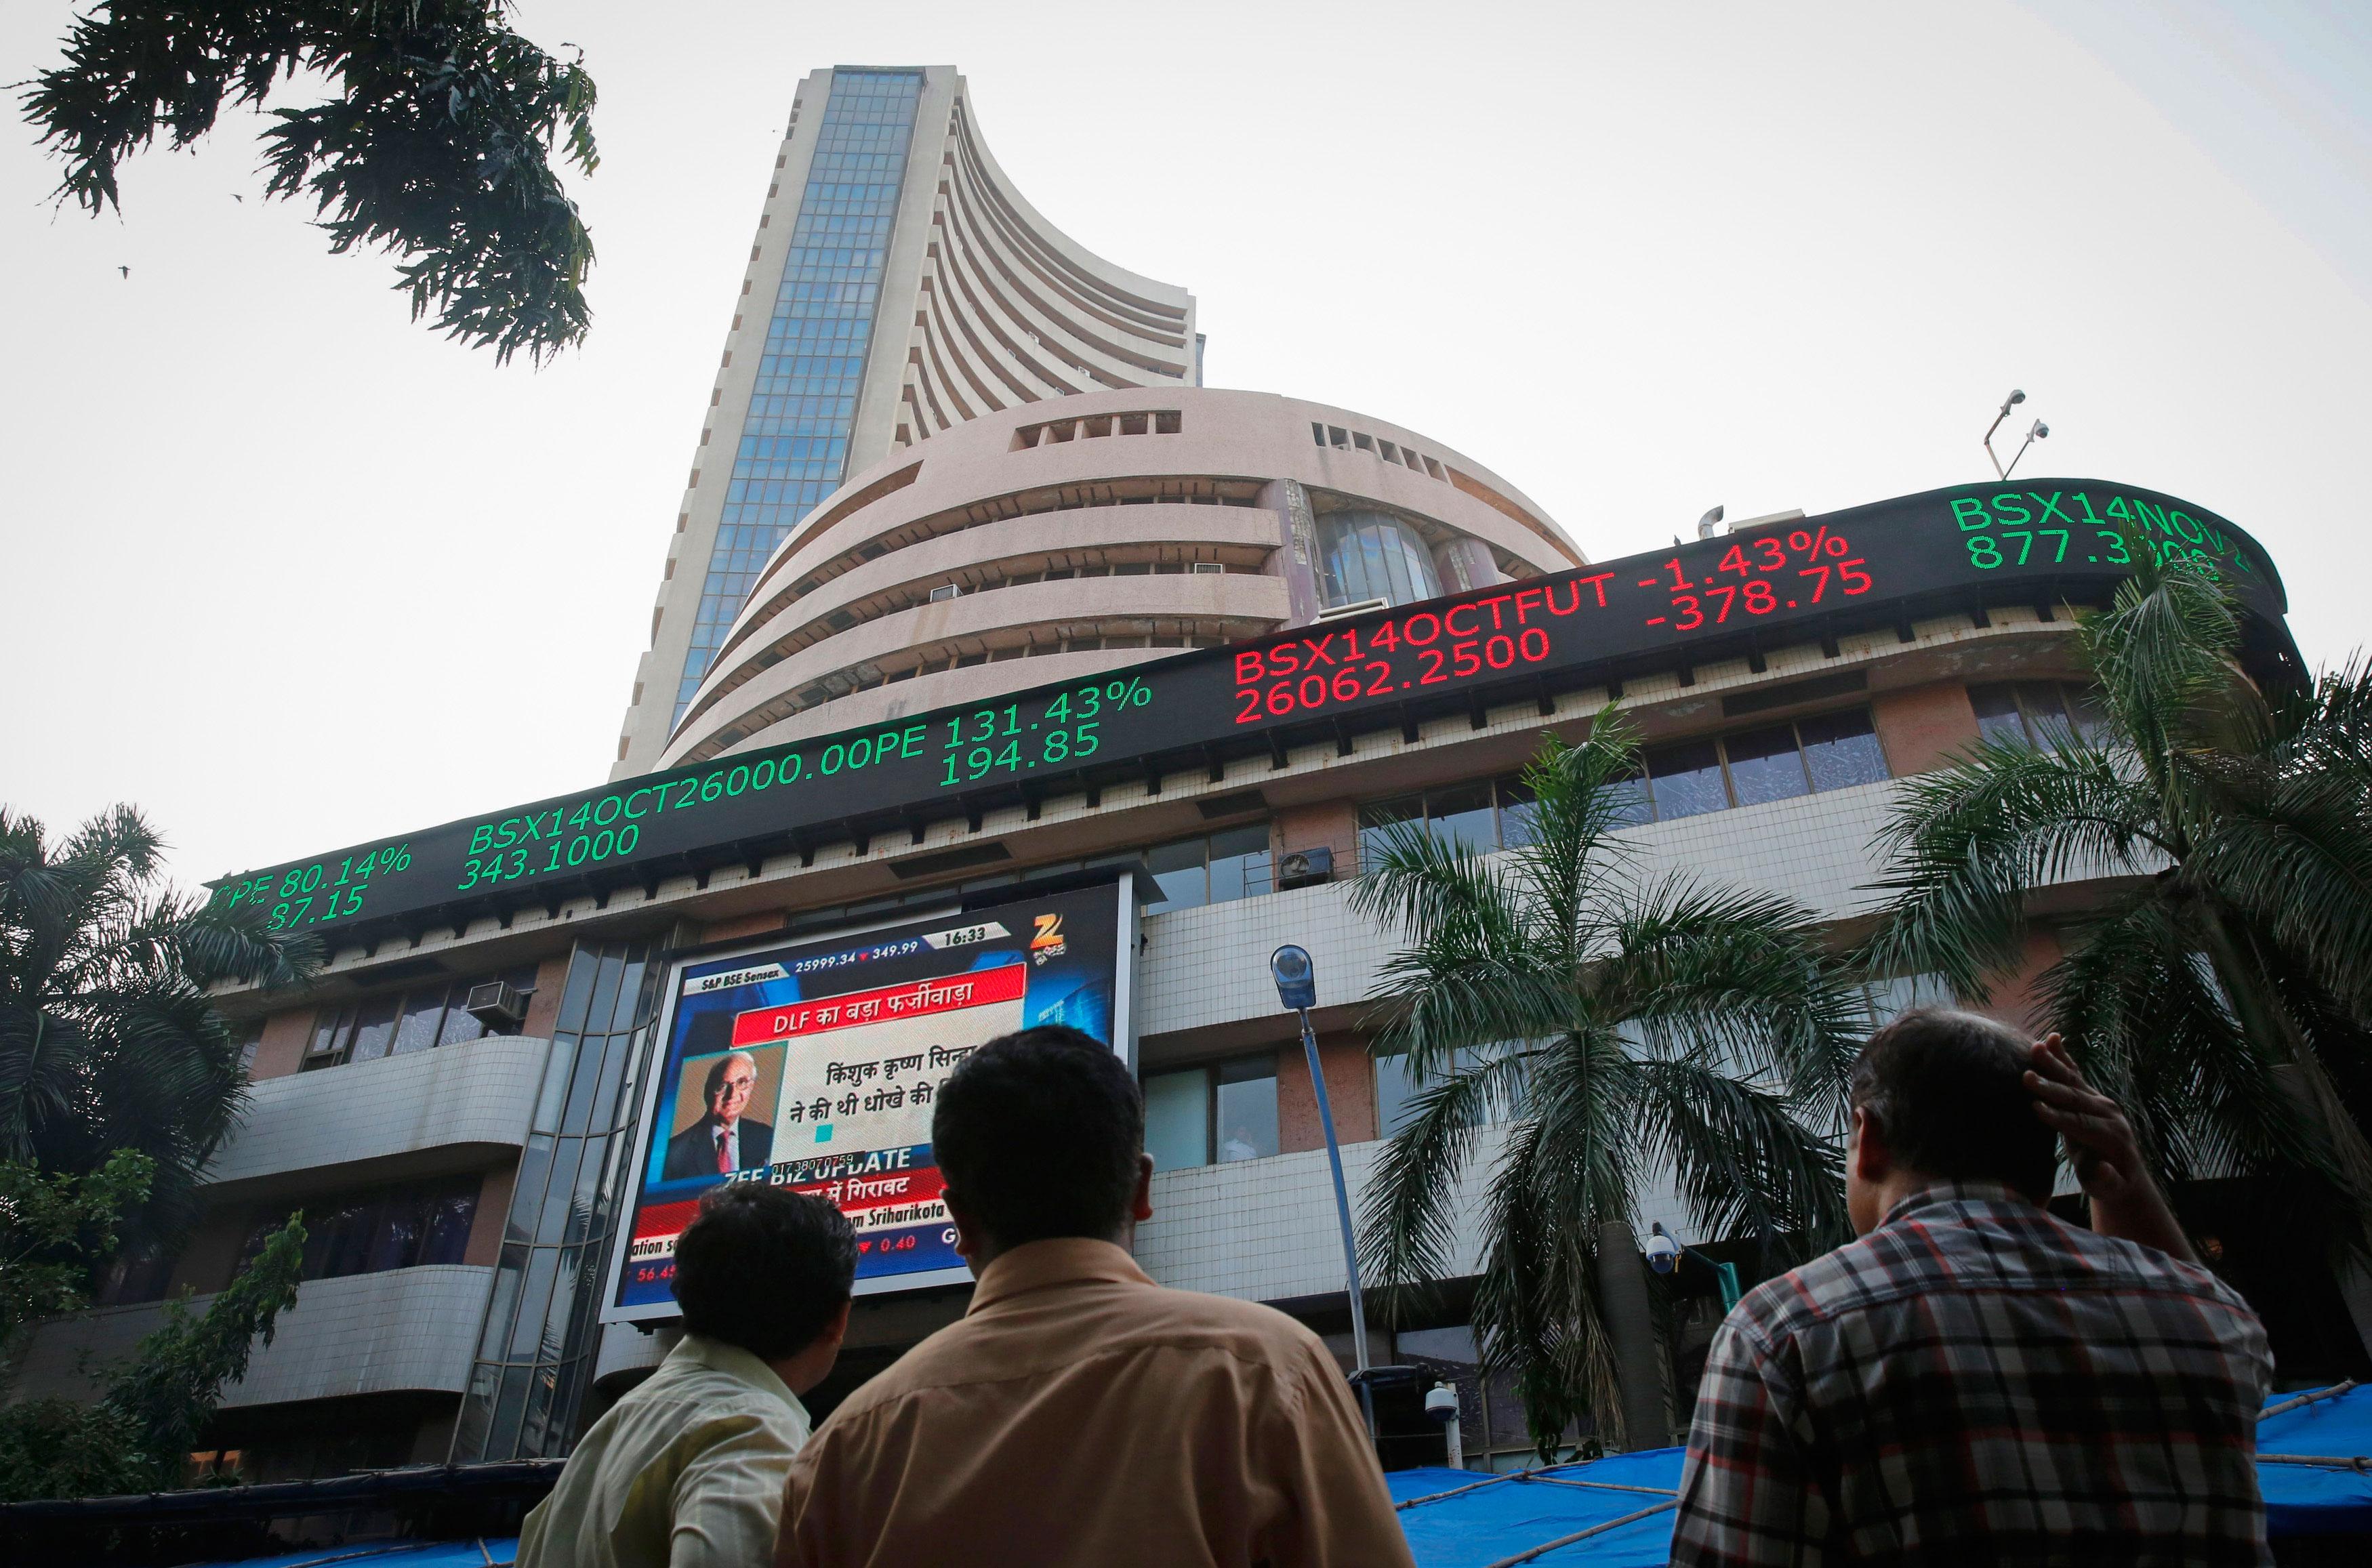 Sensex scales past 29,000 mark